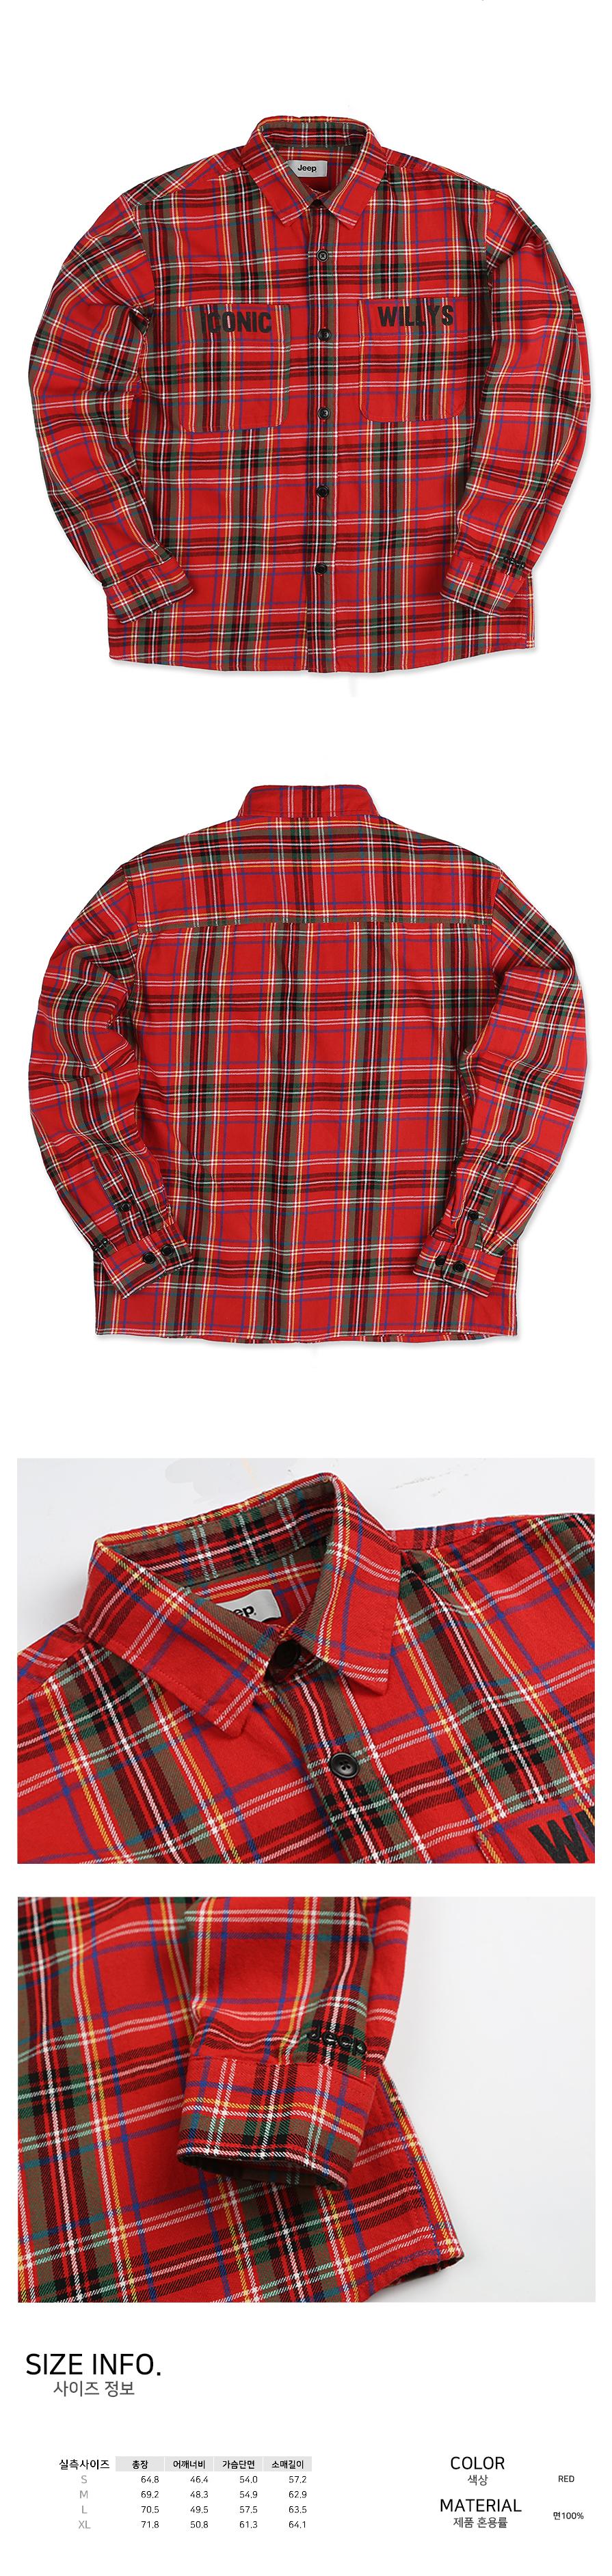 Check Shirts (GK3SHU107RD)